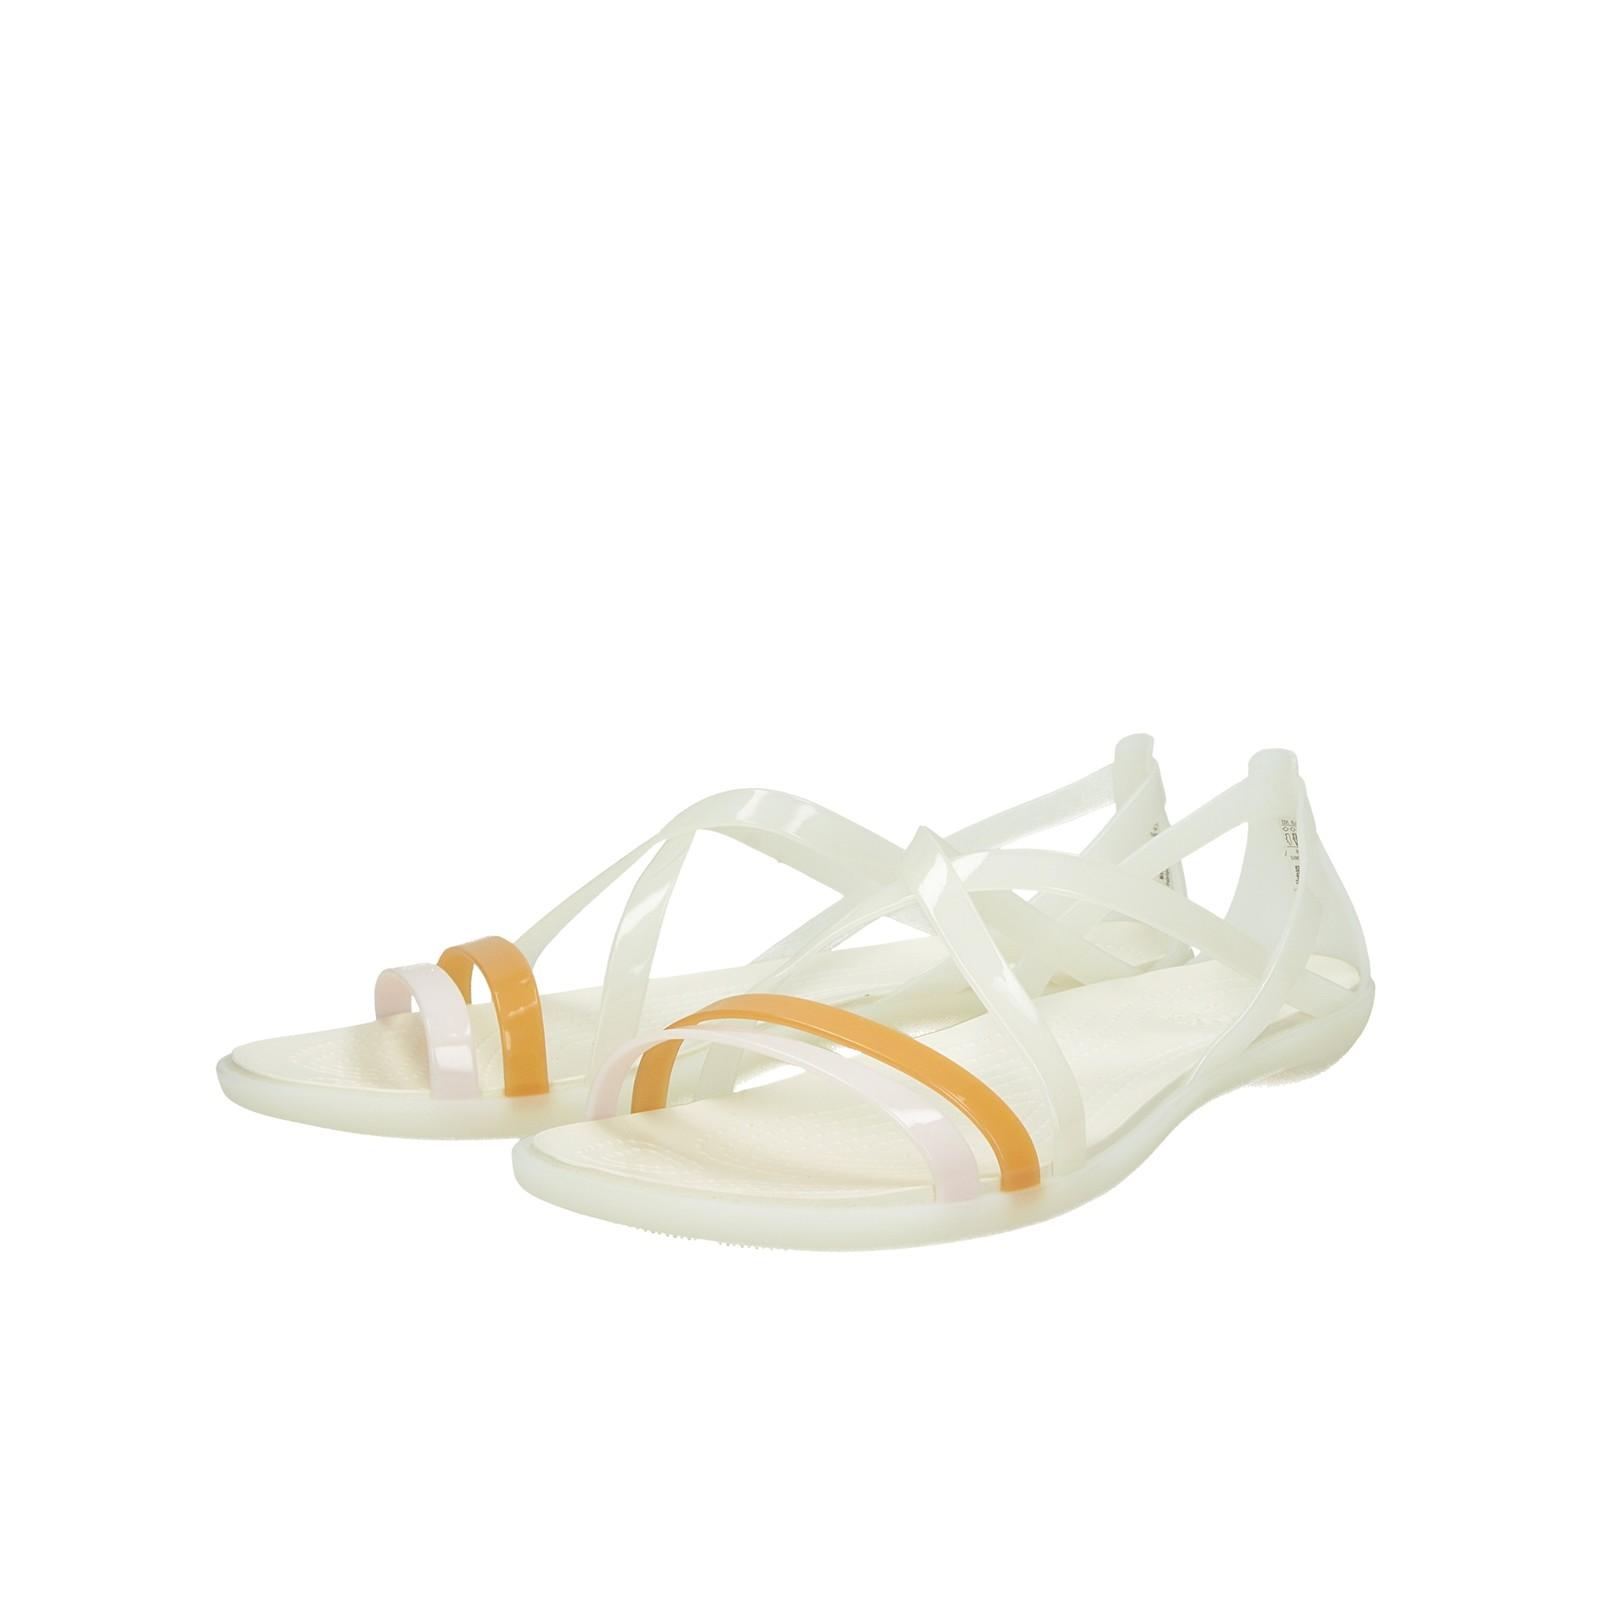 Crocs dámske pohodlné sandále - biele